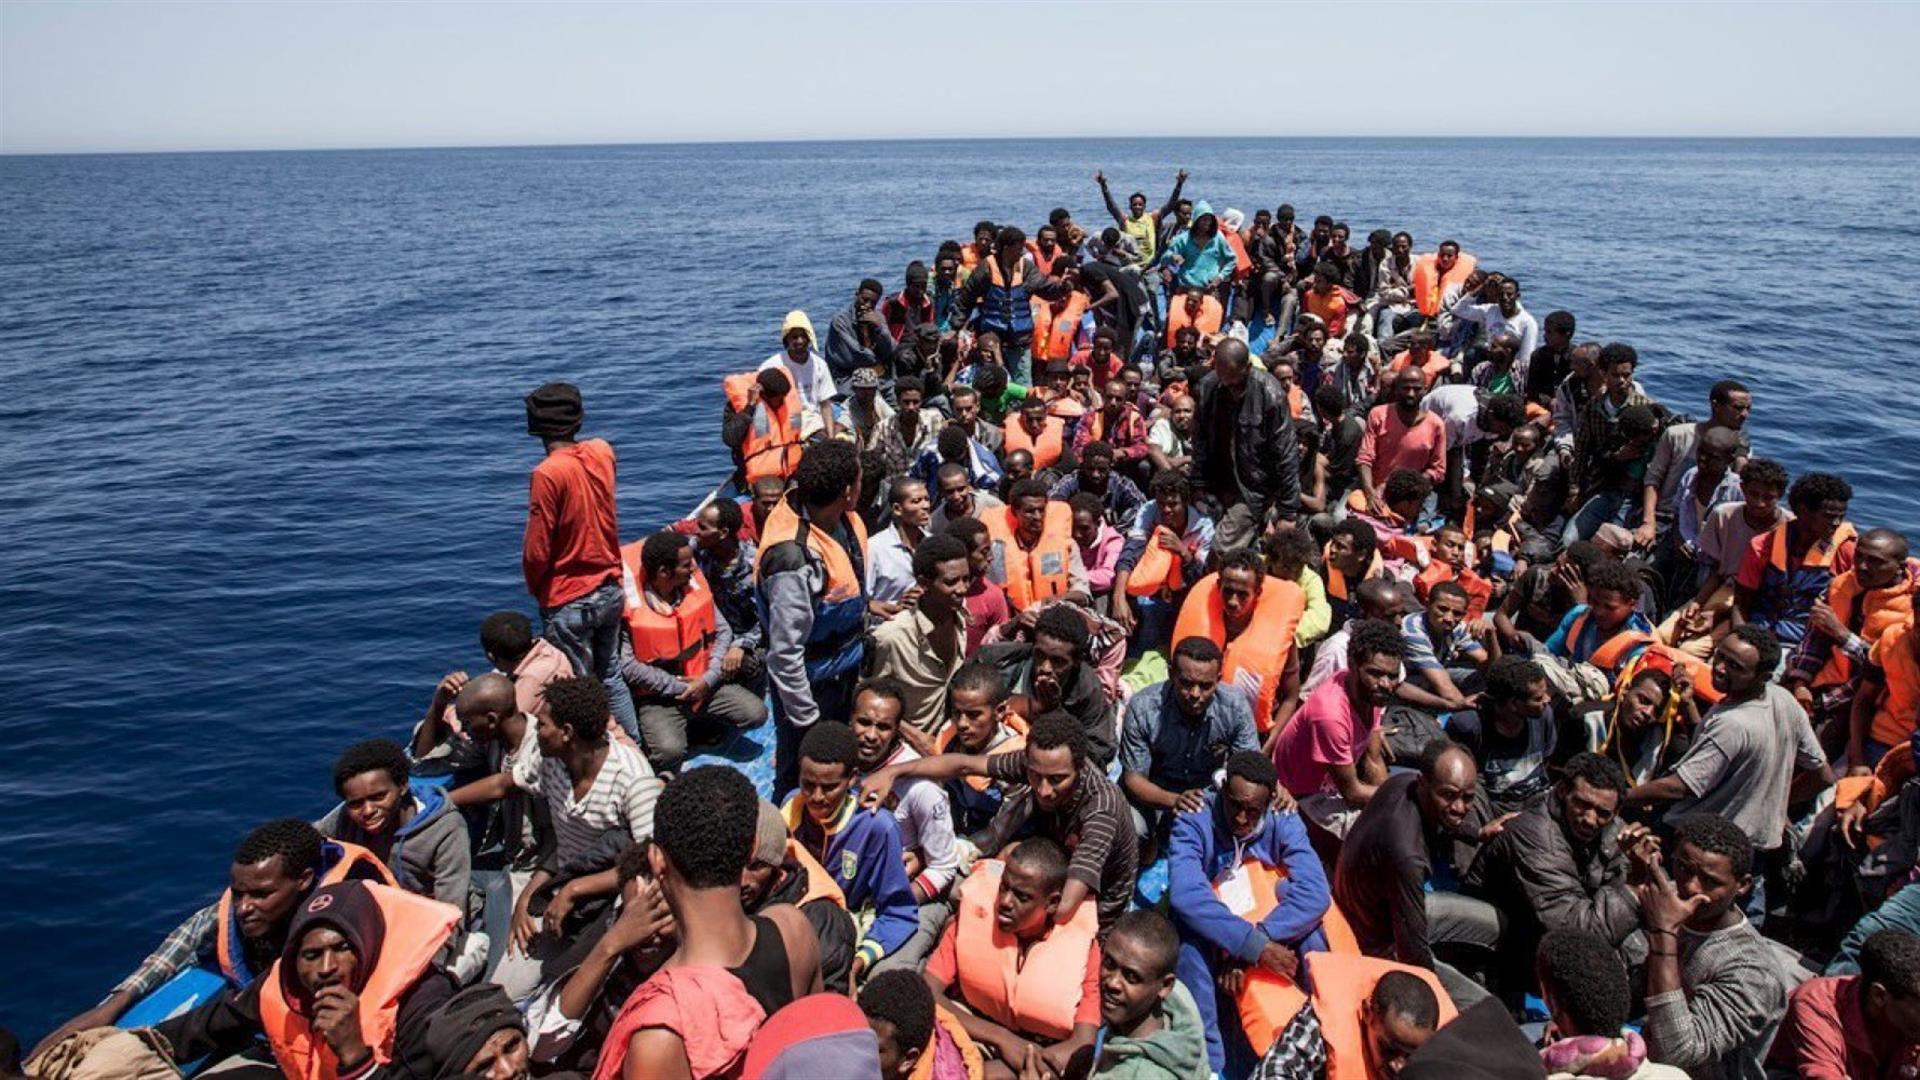 I migranti sbarcano al Sud, poi vengono distribuiti, ma non in Europa, bensì tra le regioni italiane <br> Il 13% si trova in Lombardia <br> In totale 86 mila in regime di accoglienza